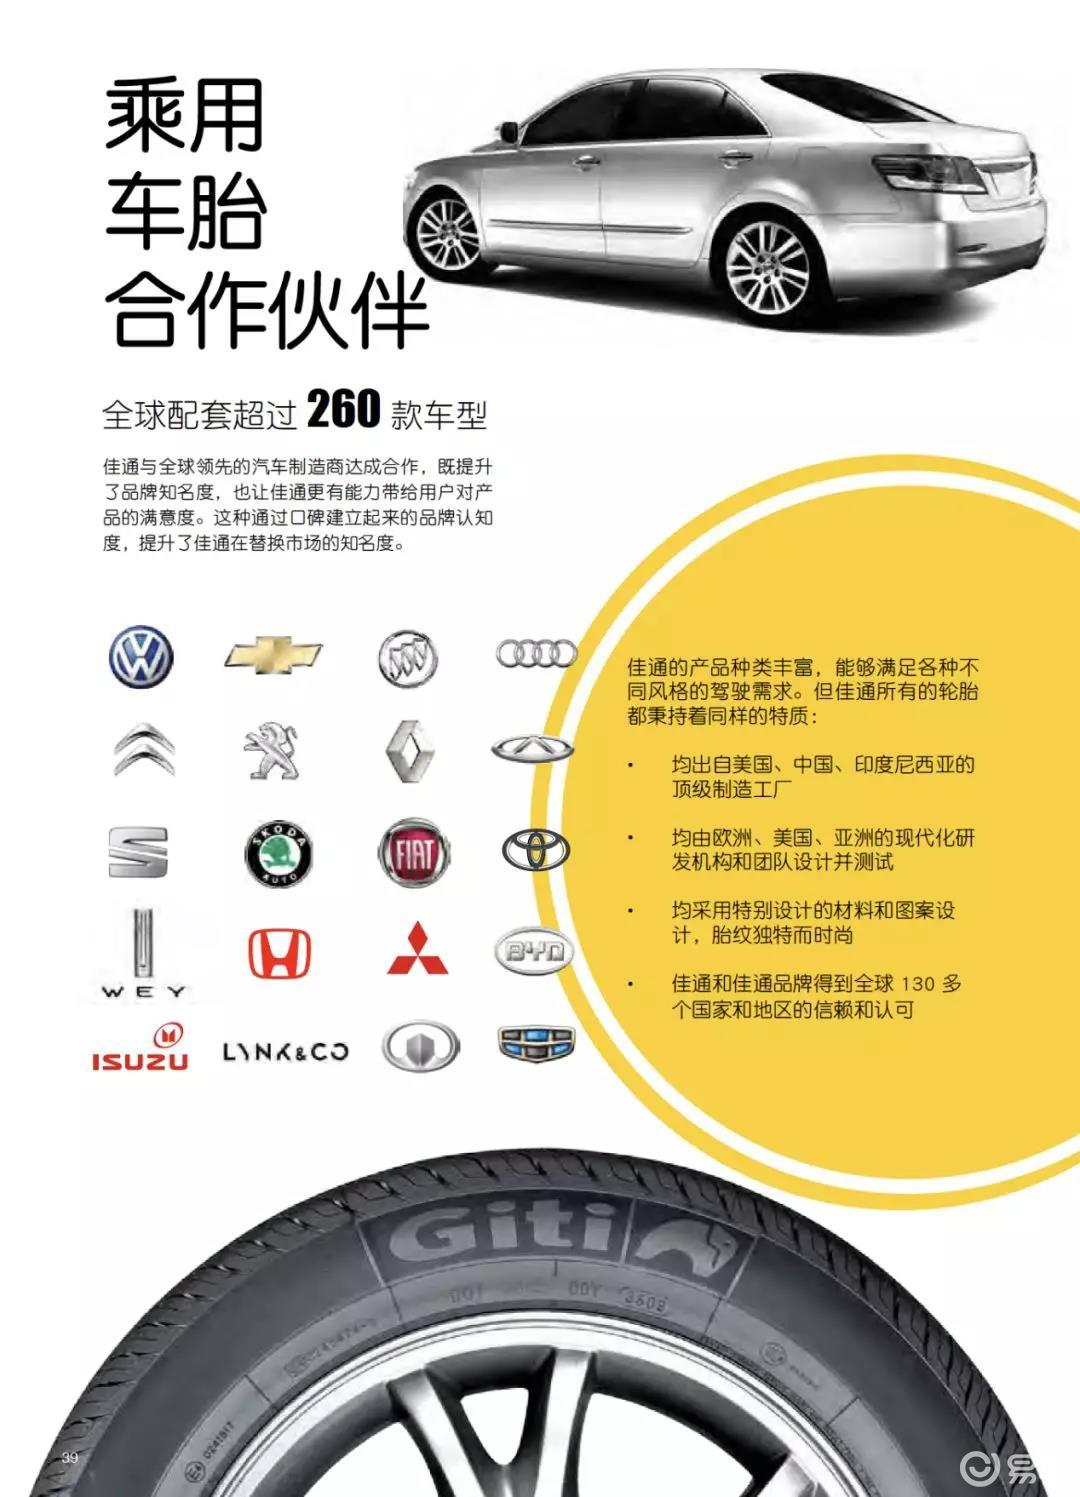 配套260多款车型,佳通轮胎深得主机厂认可